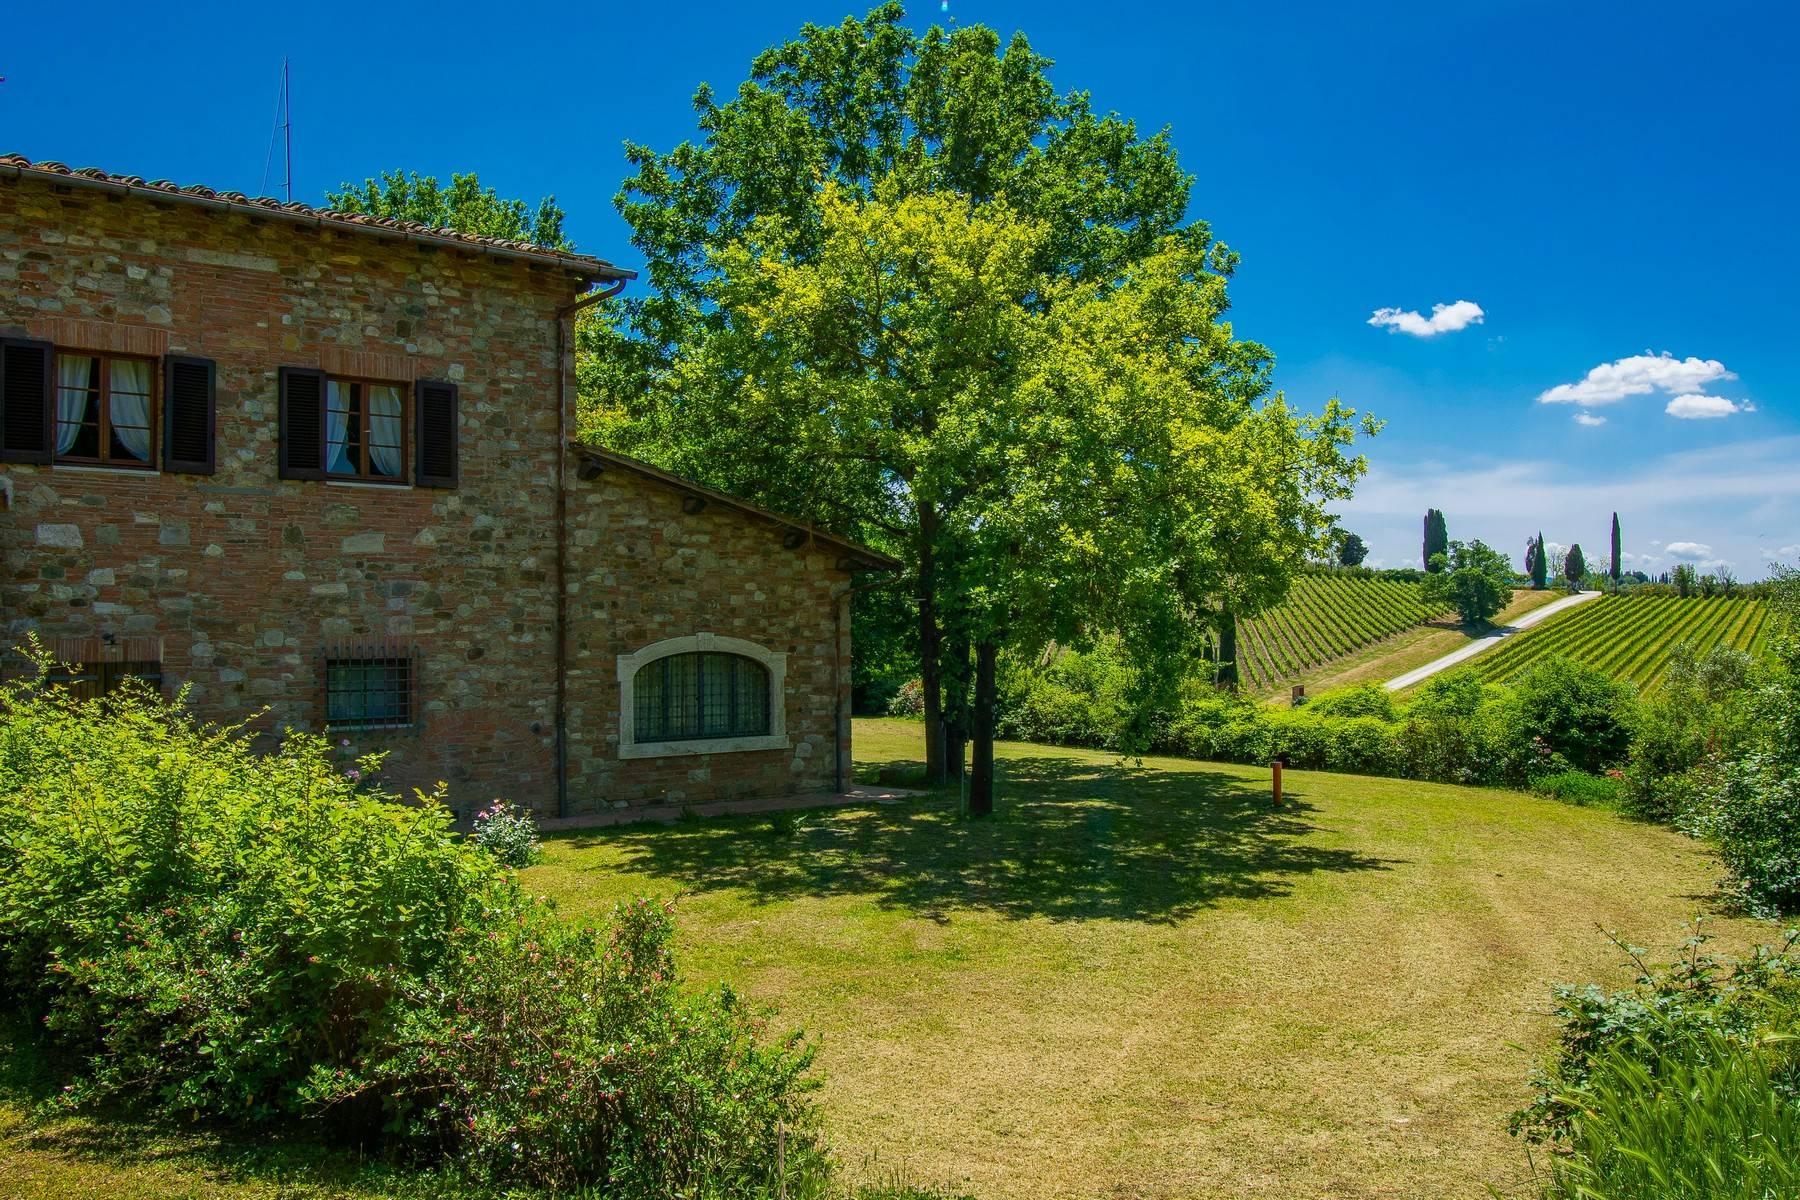 Esclusive wine estate in the heart of Chianti classico - 2